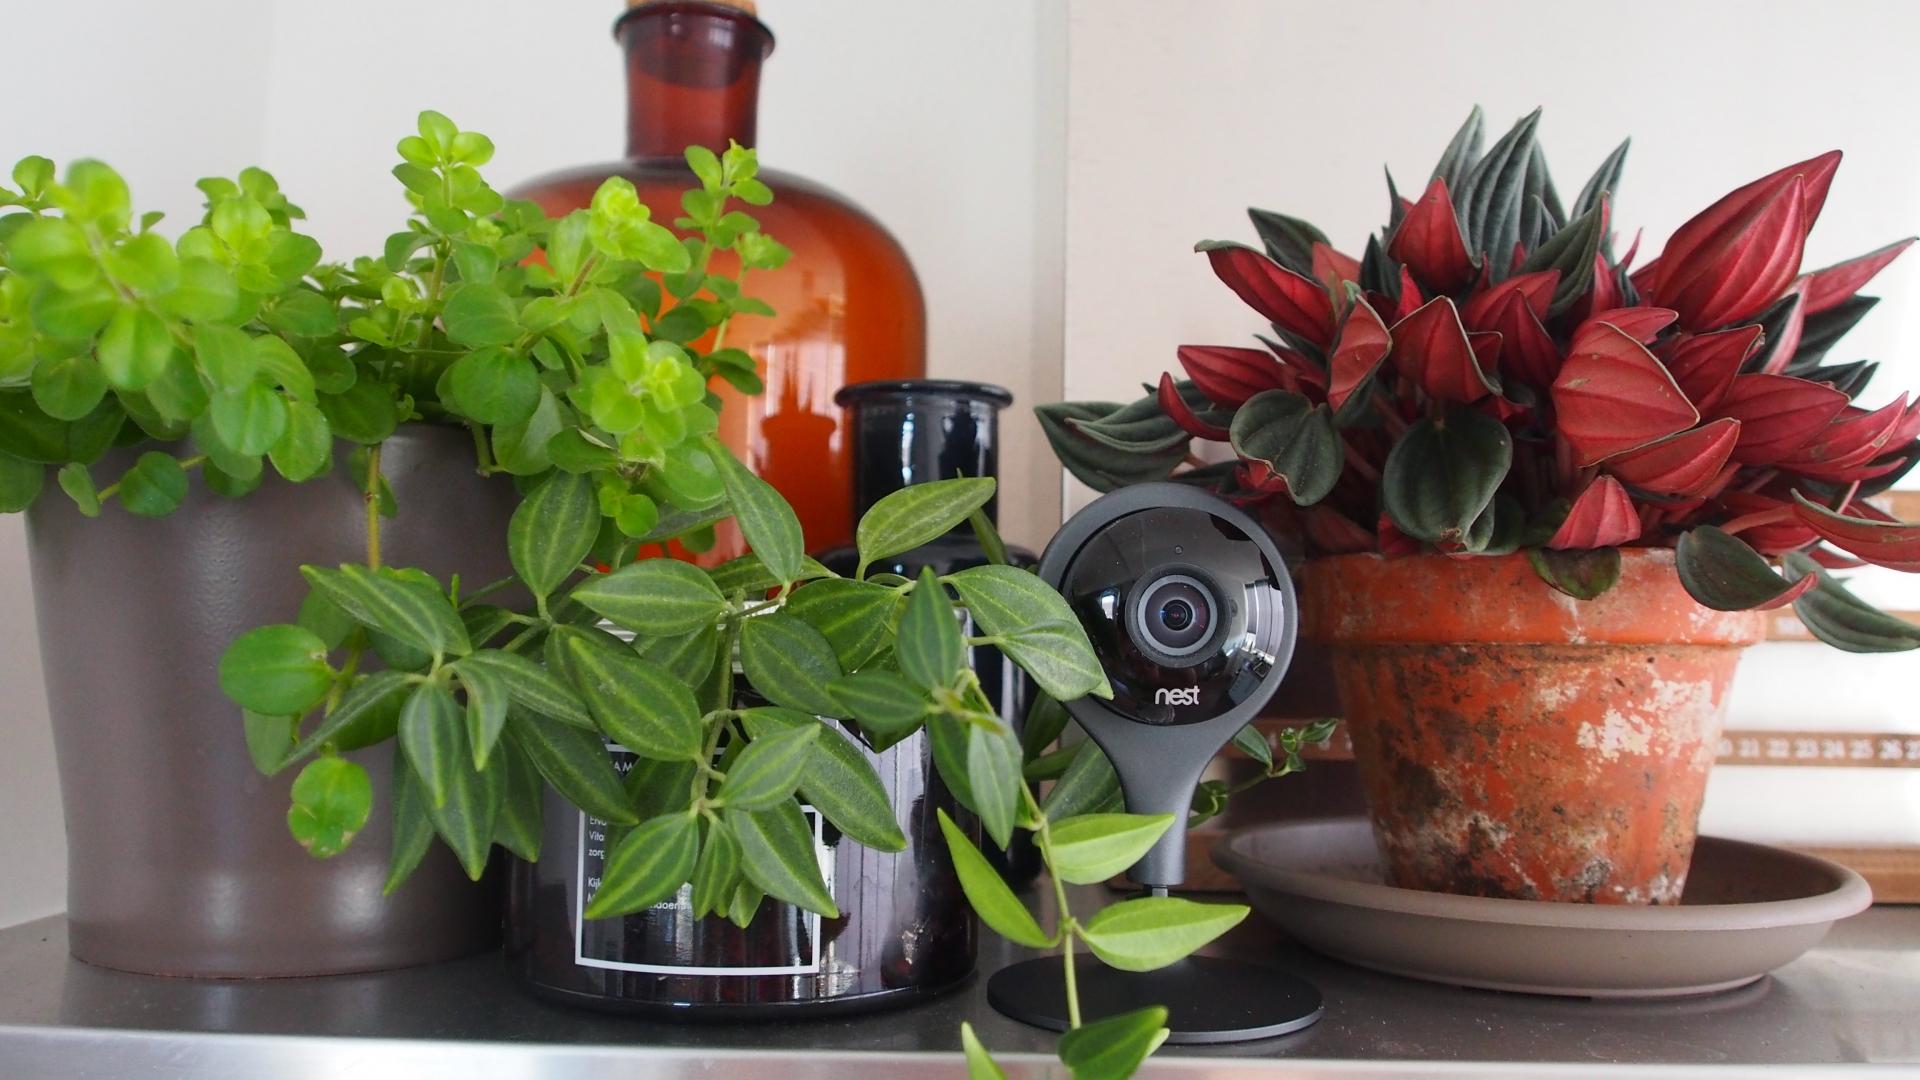 Interieur | De introductie van smart home - Woonblog StijlvolStyling.com